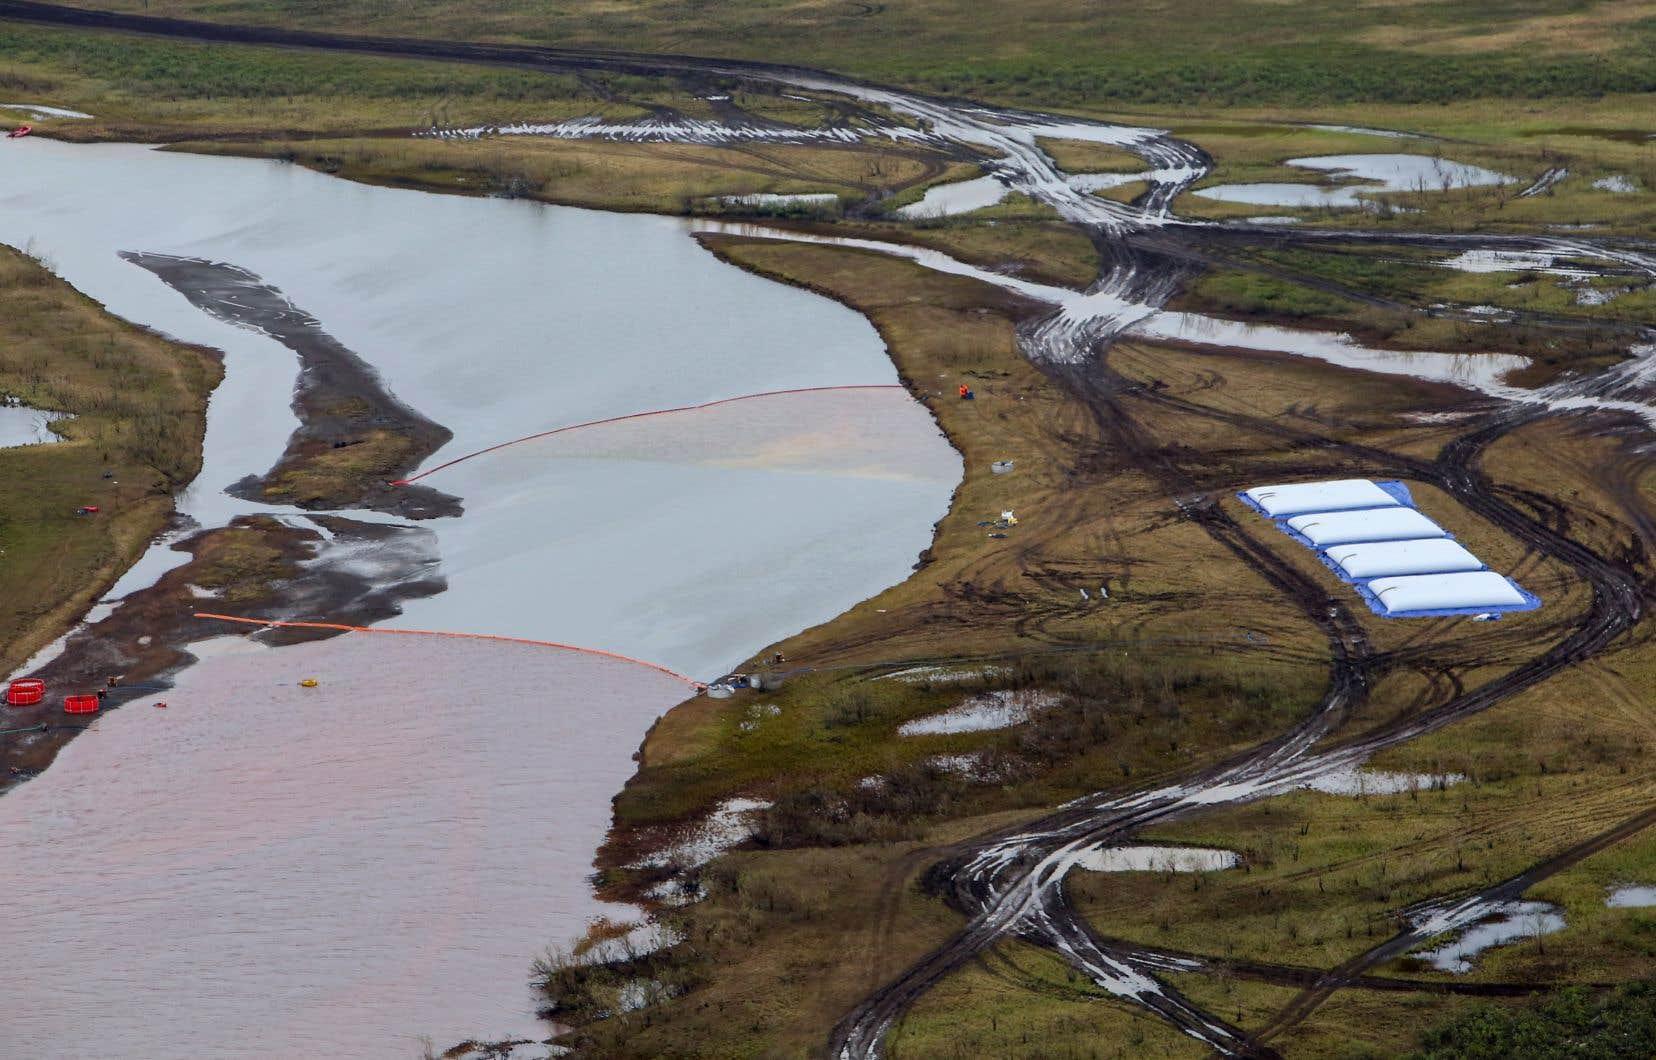 Les employés de Transneft ont mis dans la rivière des pompes pour aspirer l'eau souillée, colorée de rouge et retenue par des barrages flottants.